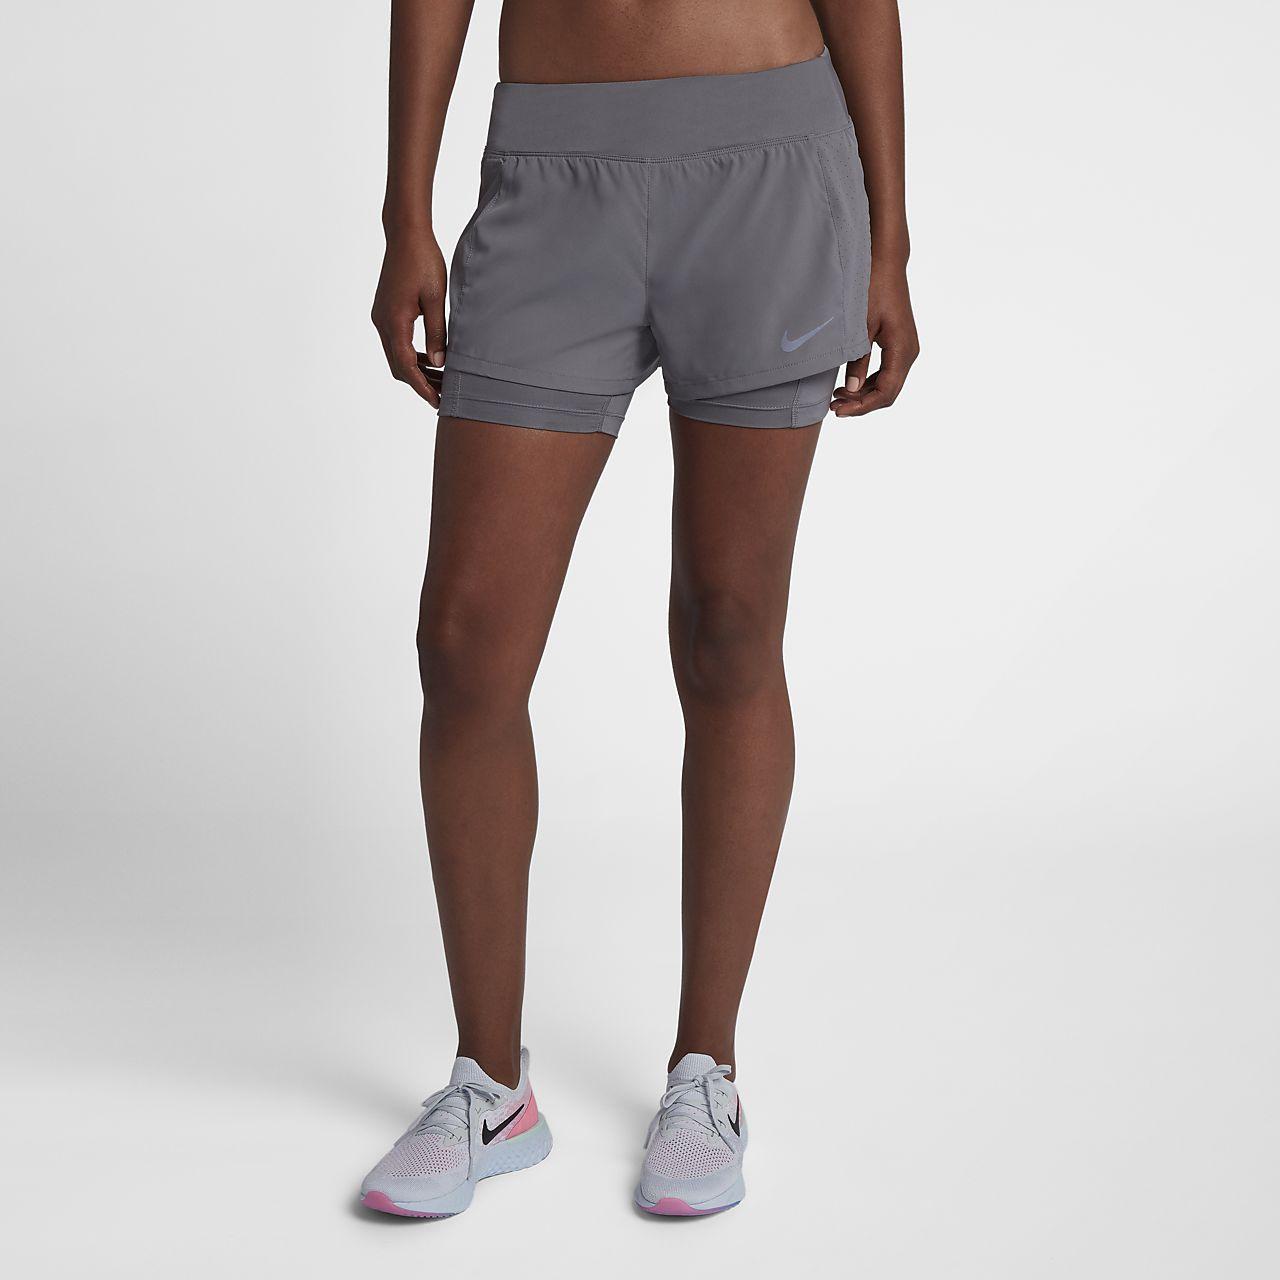 Mujer Eclipse Corto Running De Nike Es 2 Pantalón En 1 S8wFnqg 4bf81d1745ab